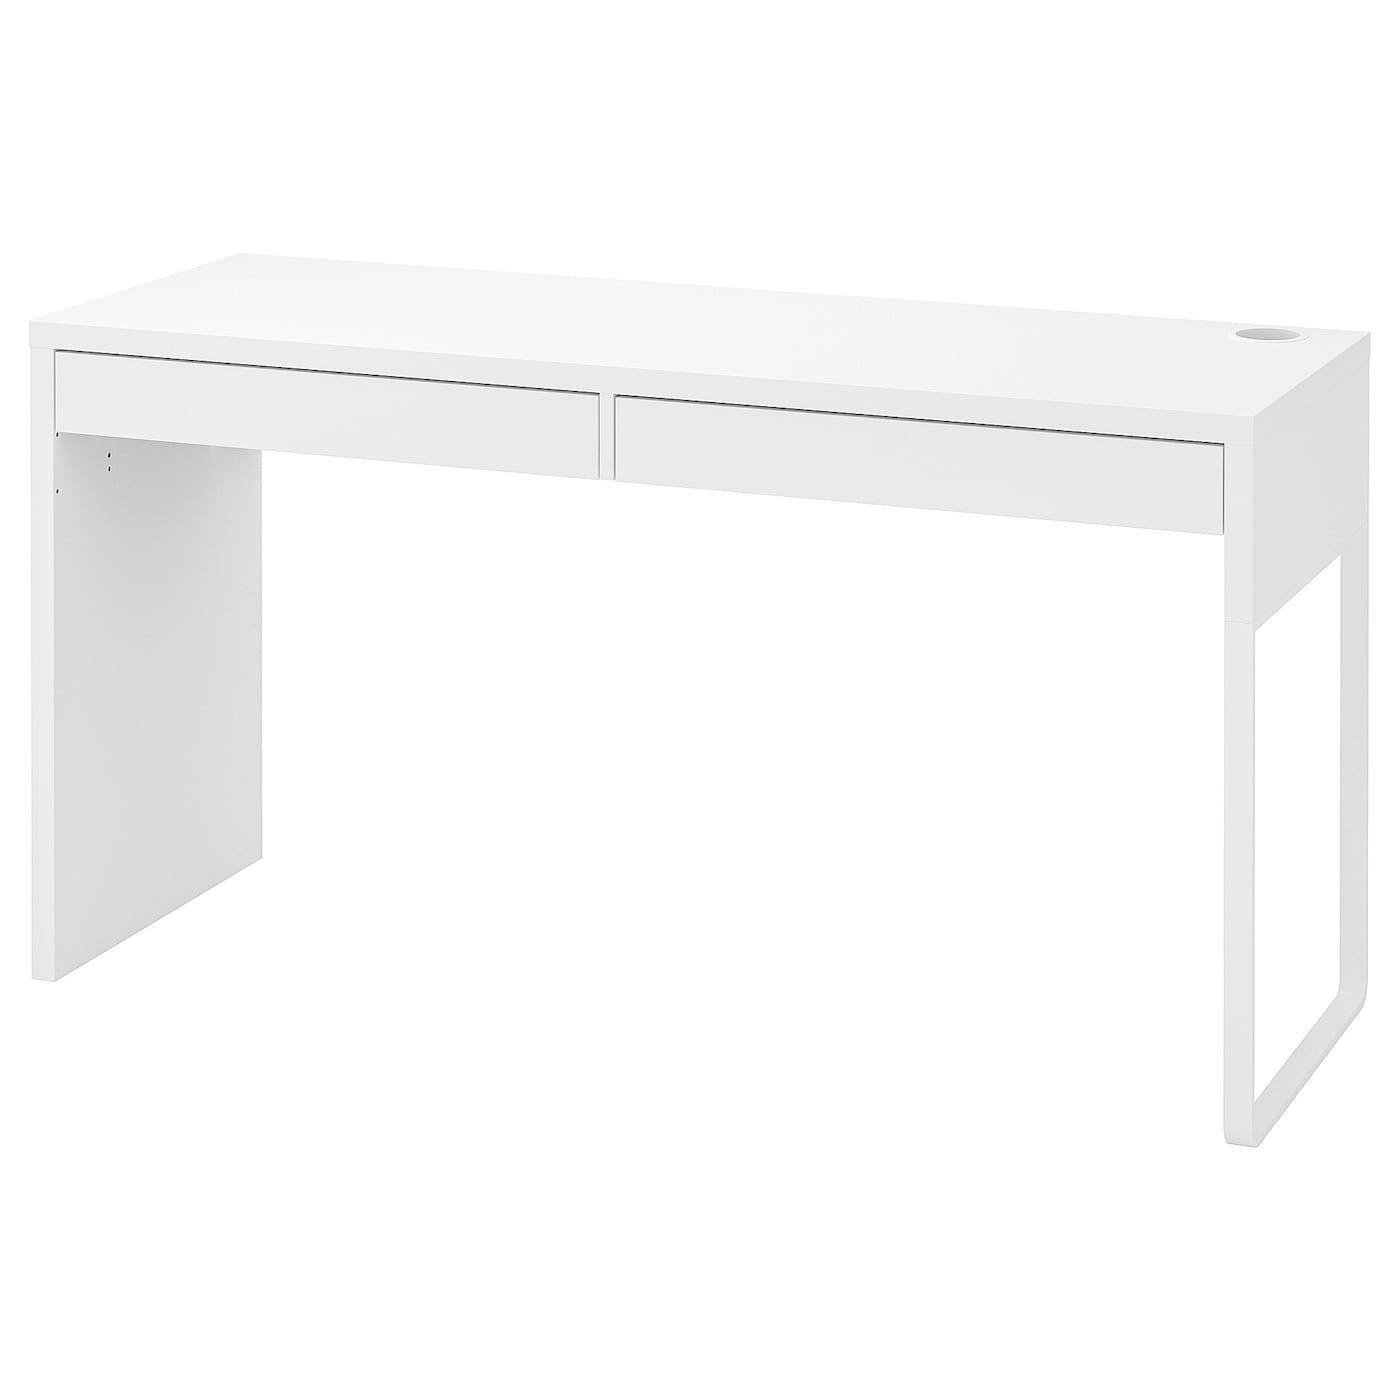 MICKE Escritorio blanco 142x50 cm